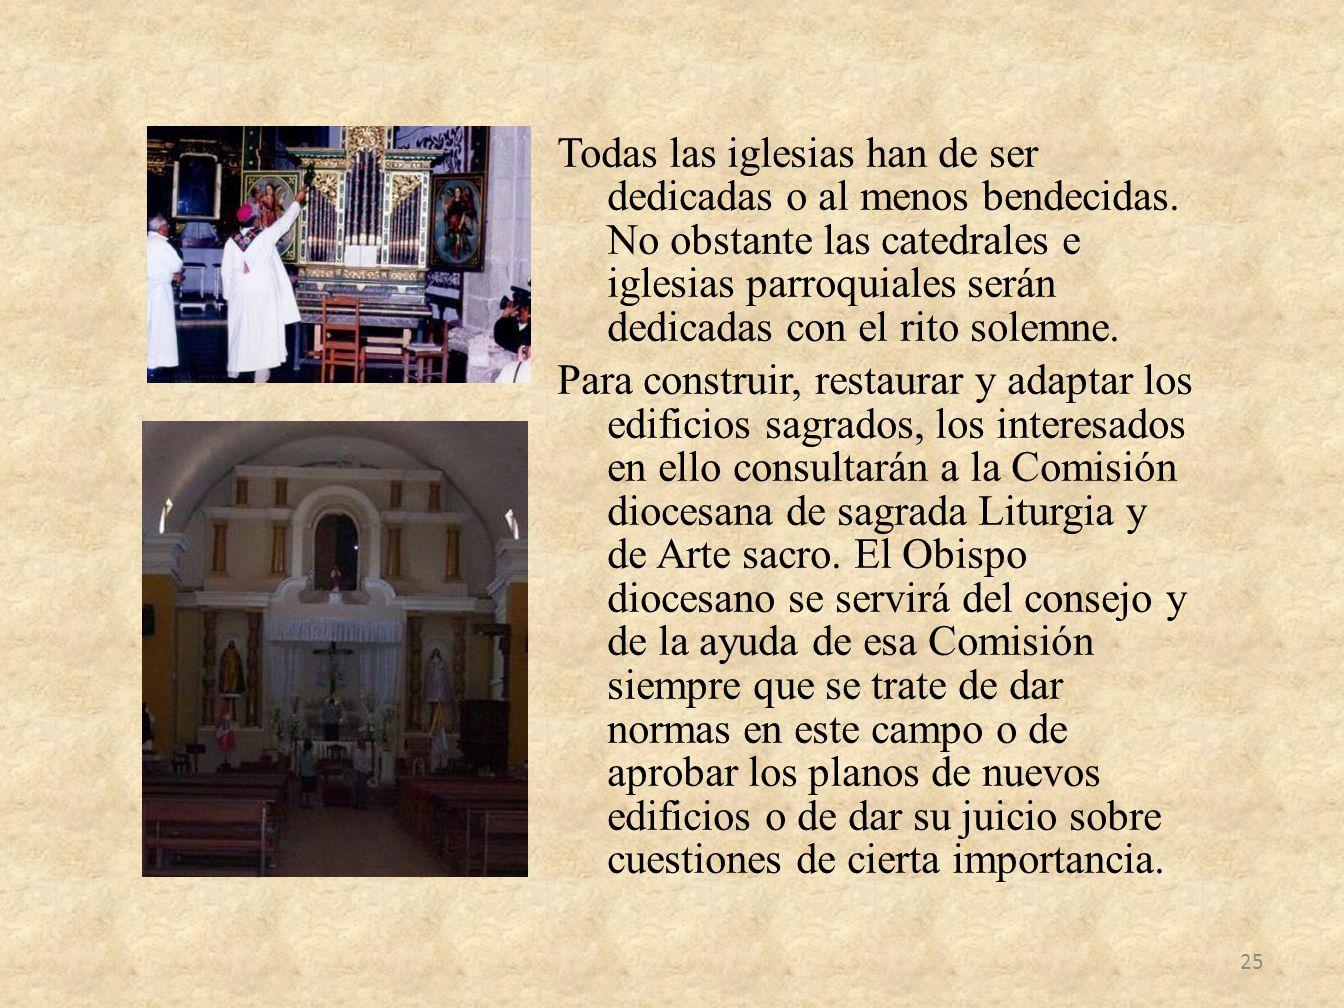 Todas las iglesias han de ser dedicadas o al menos bendecidas